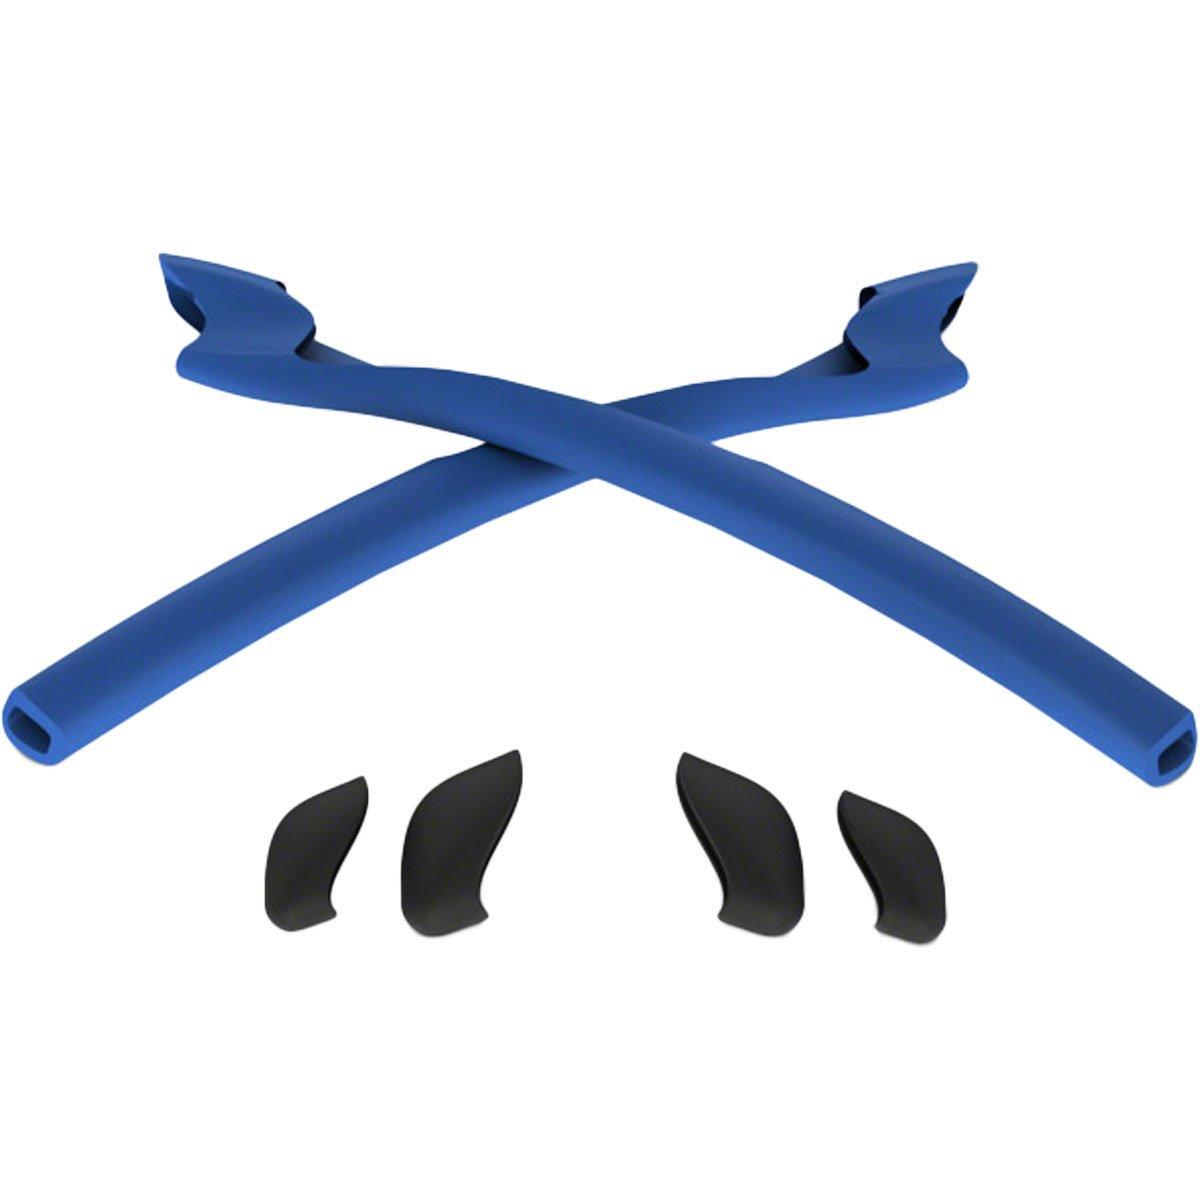 Oakley Half Jacket 2.0 Earsocks/Nosepads Kit Electric Blue by Oakley